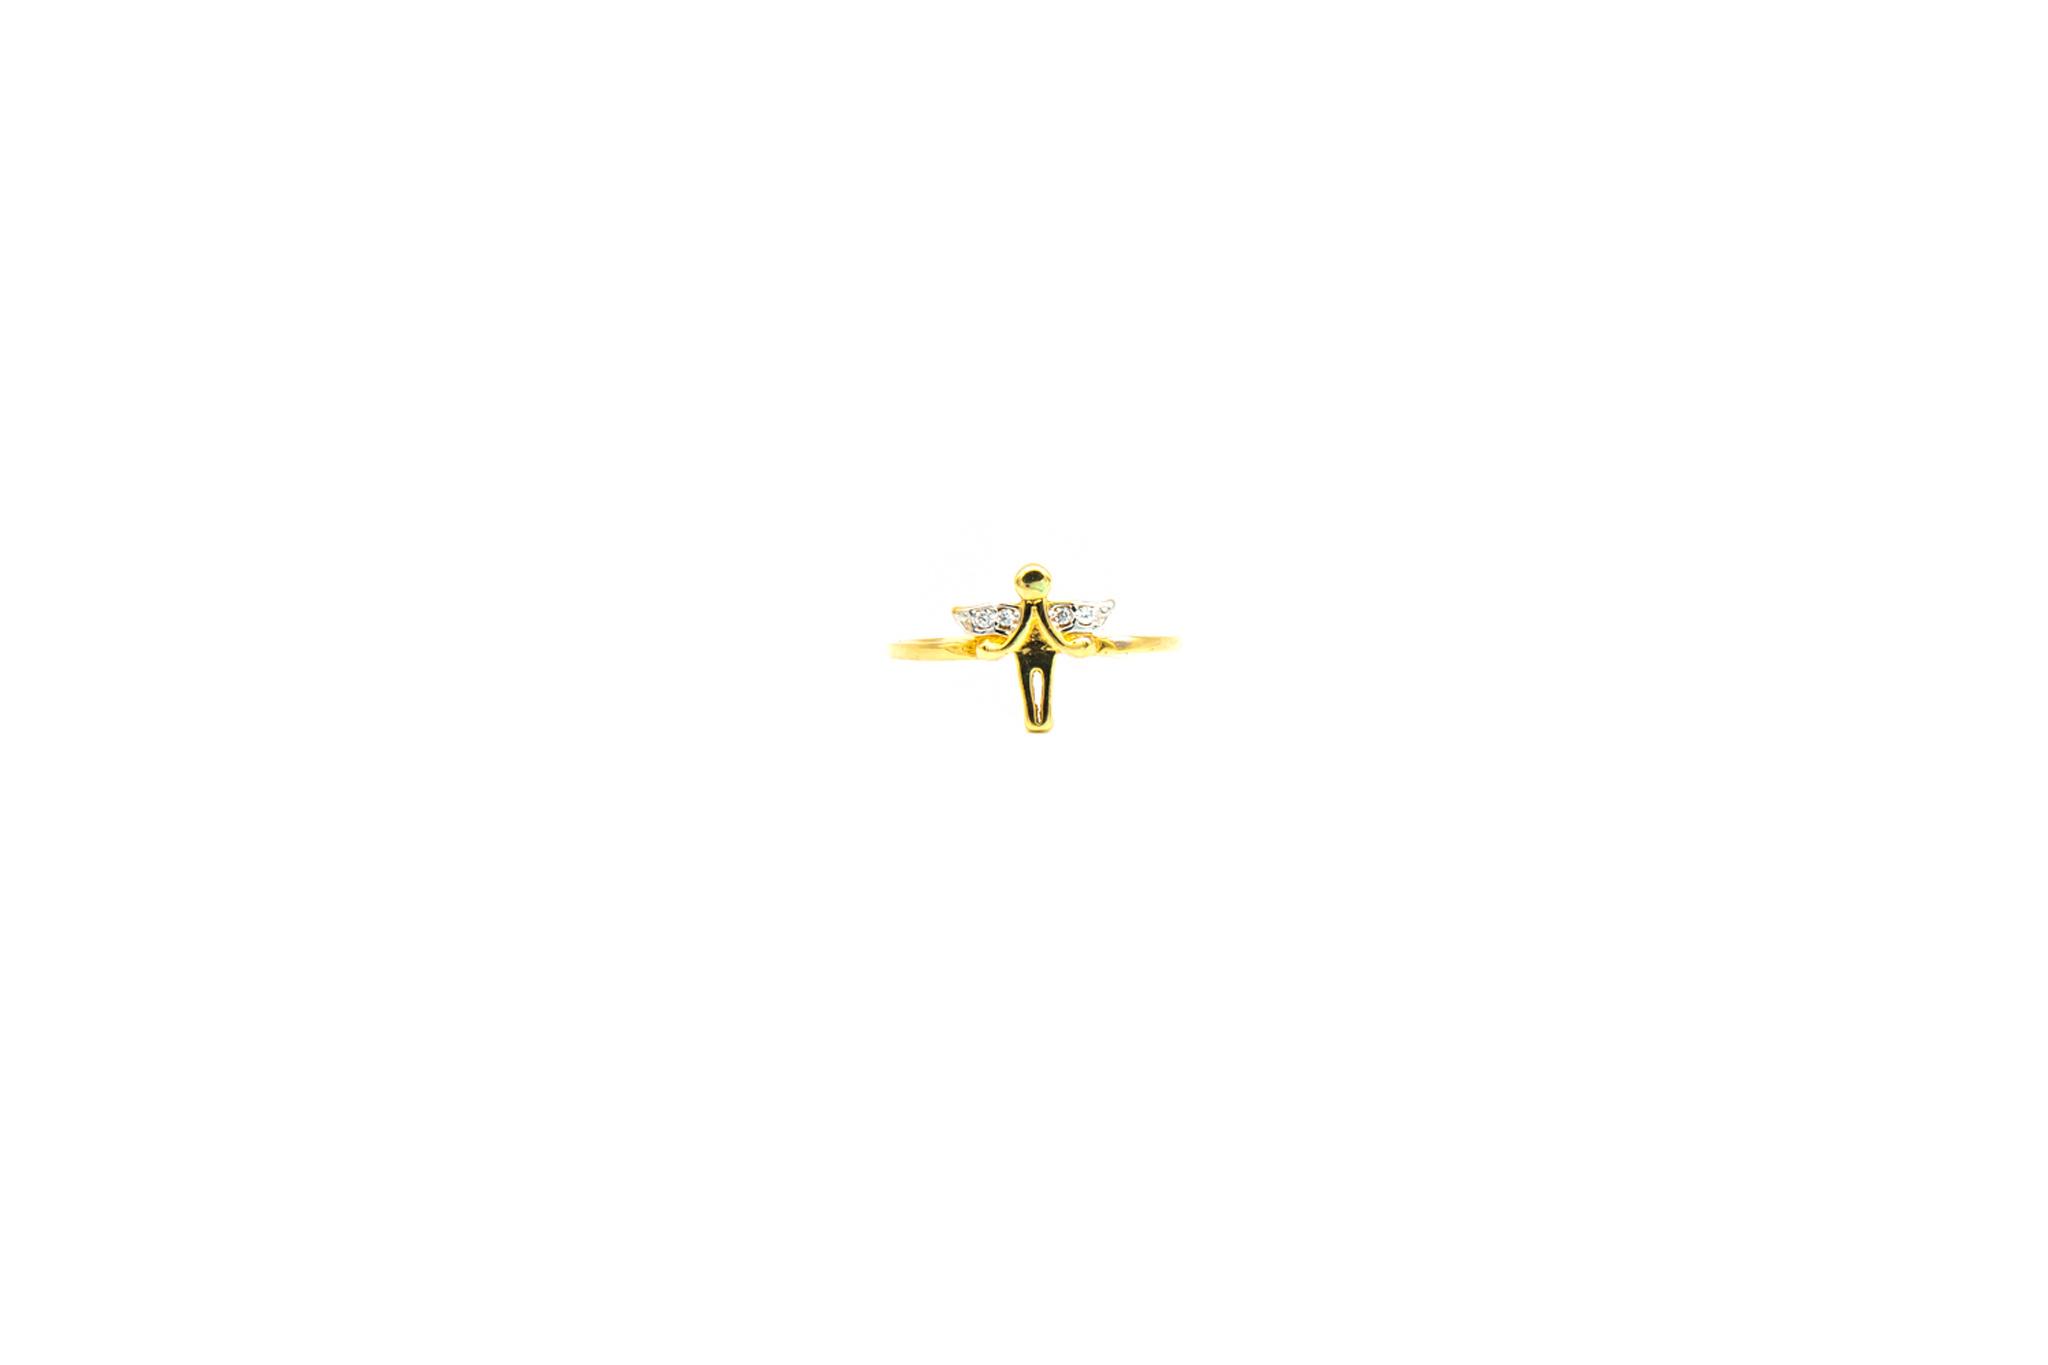 Ring engel bicolor bezet met zirkonia's-1